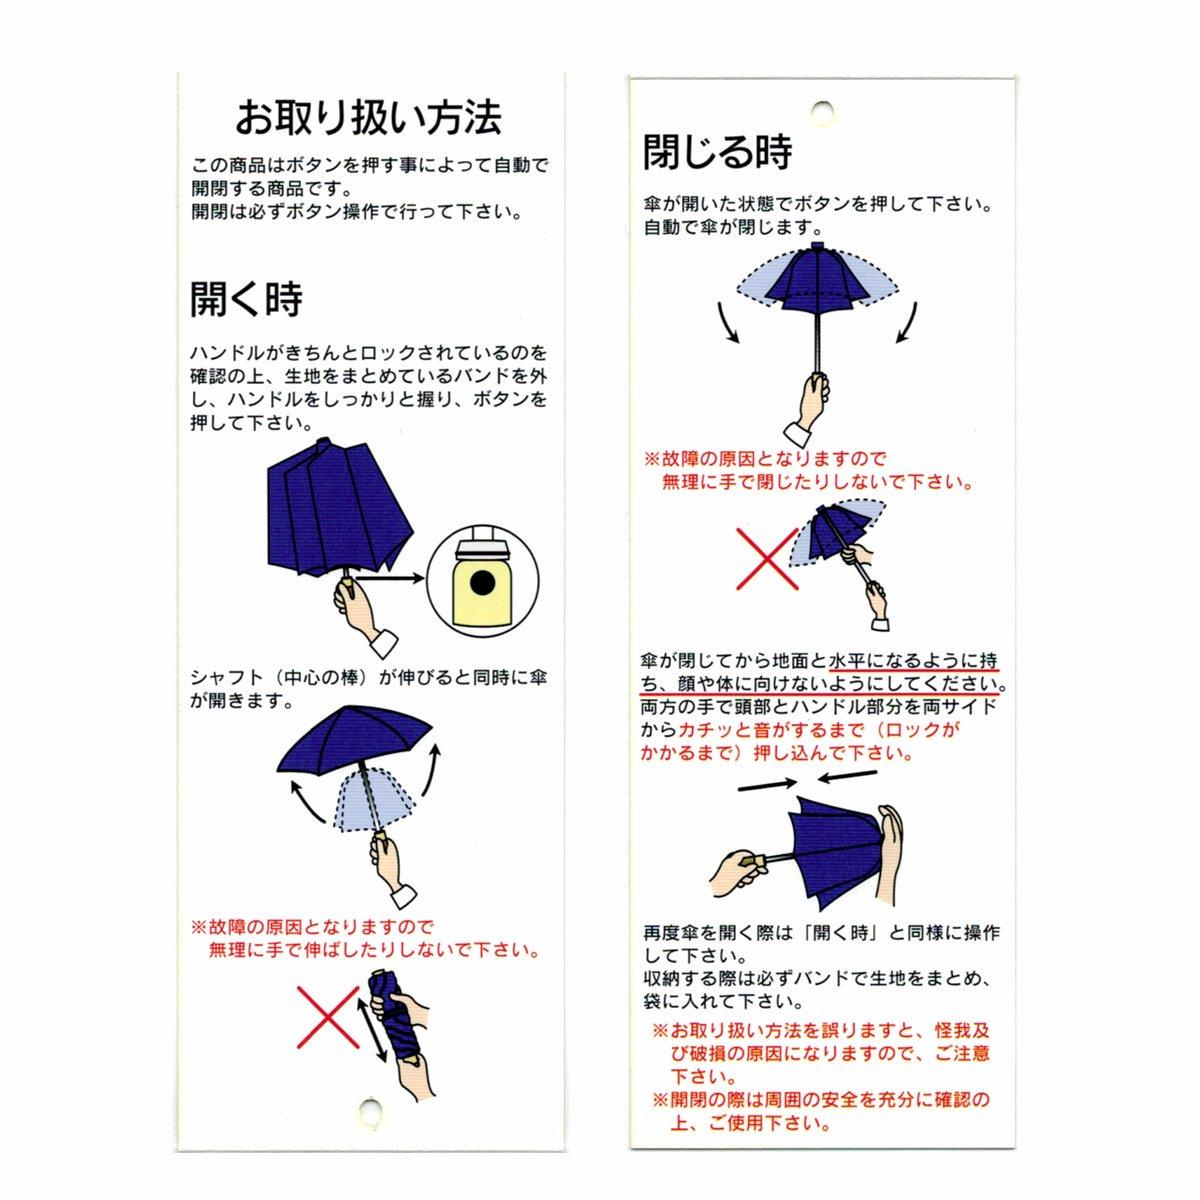 自動開閉 強力撥水 レインドロップ レクタス 折りたたみ傘 詳細画像16